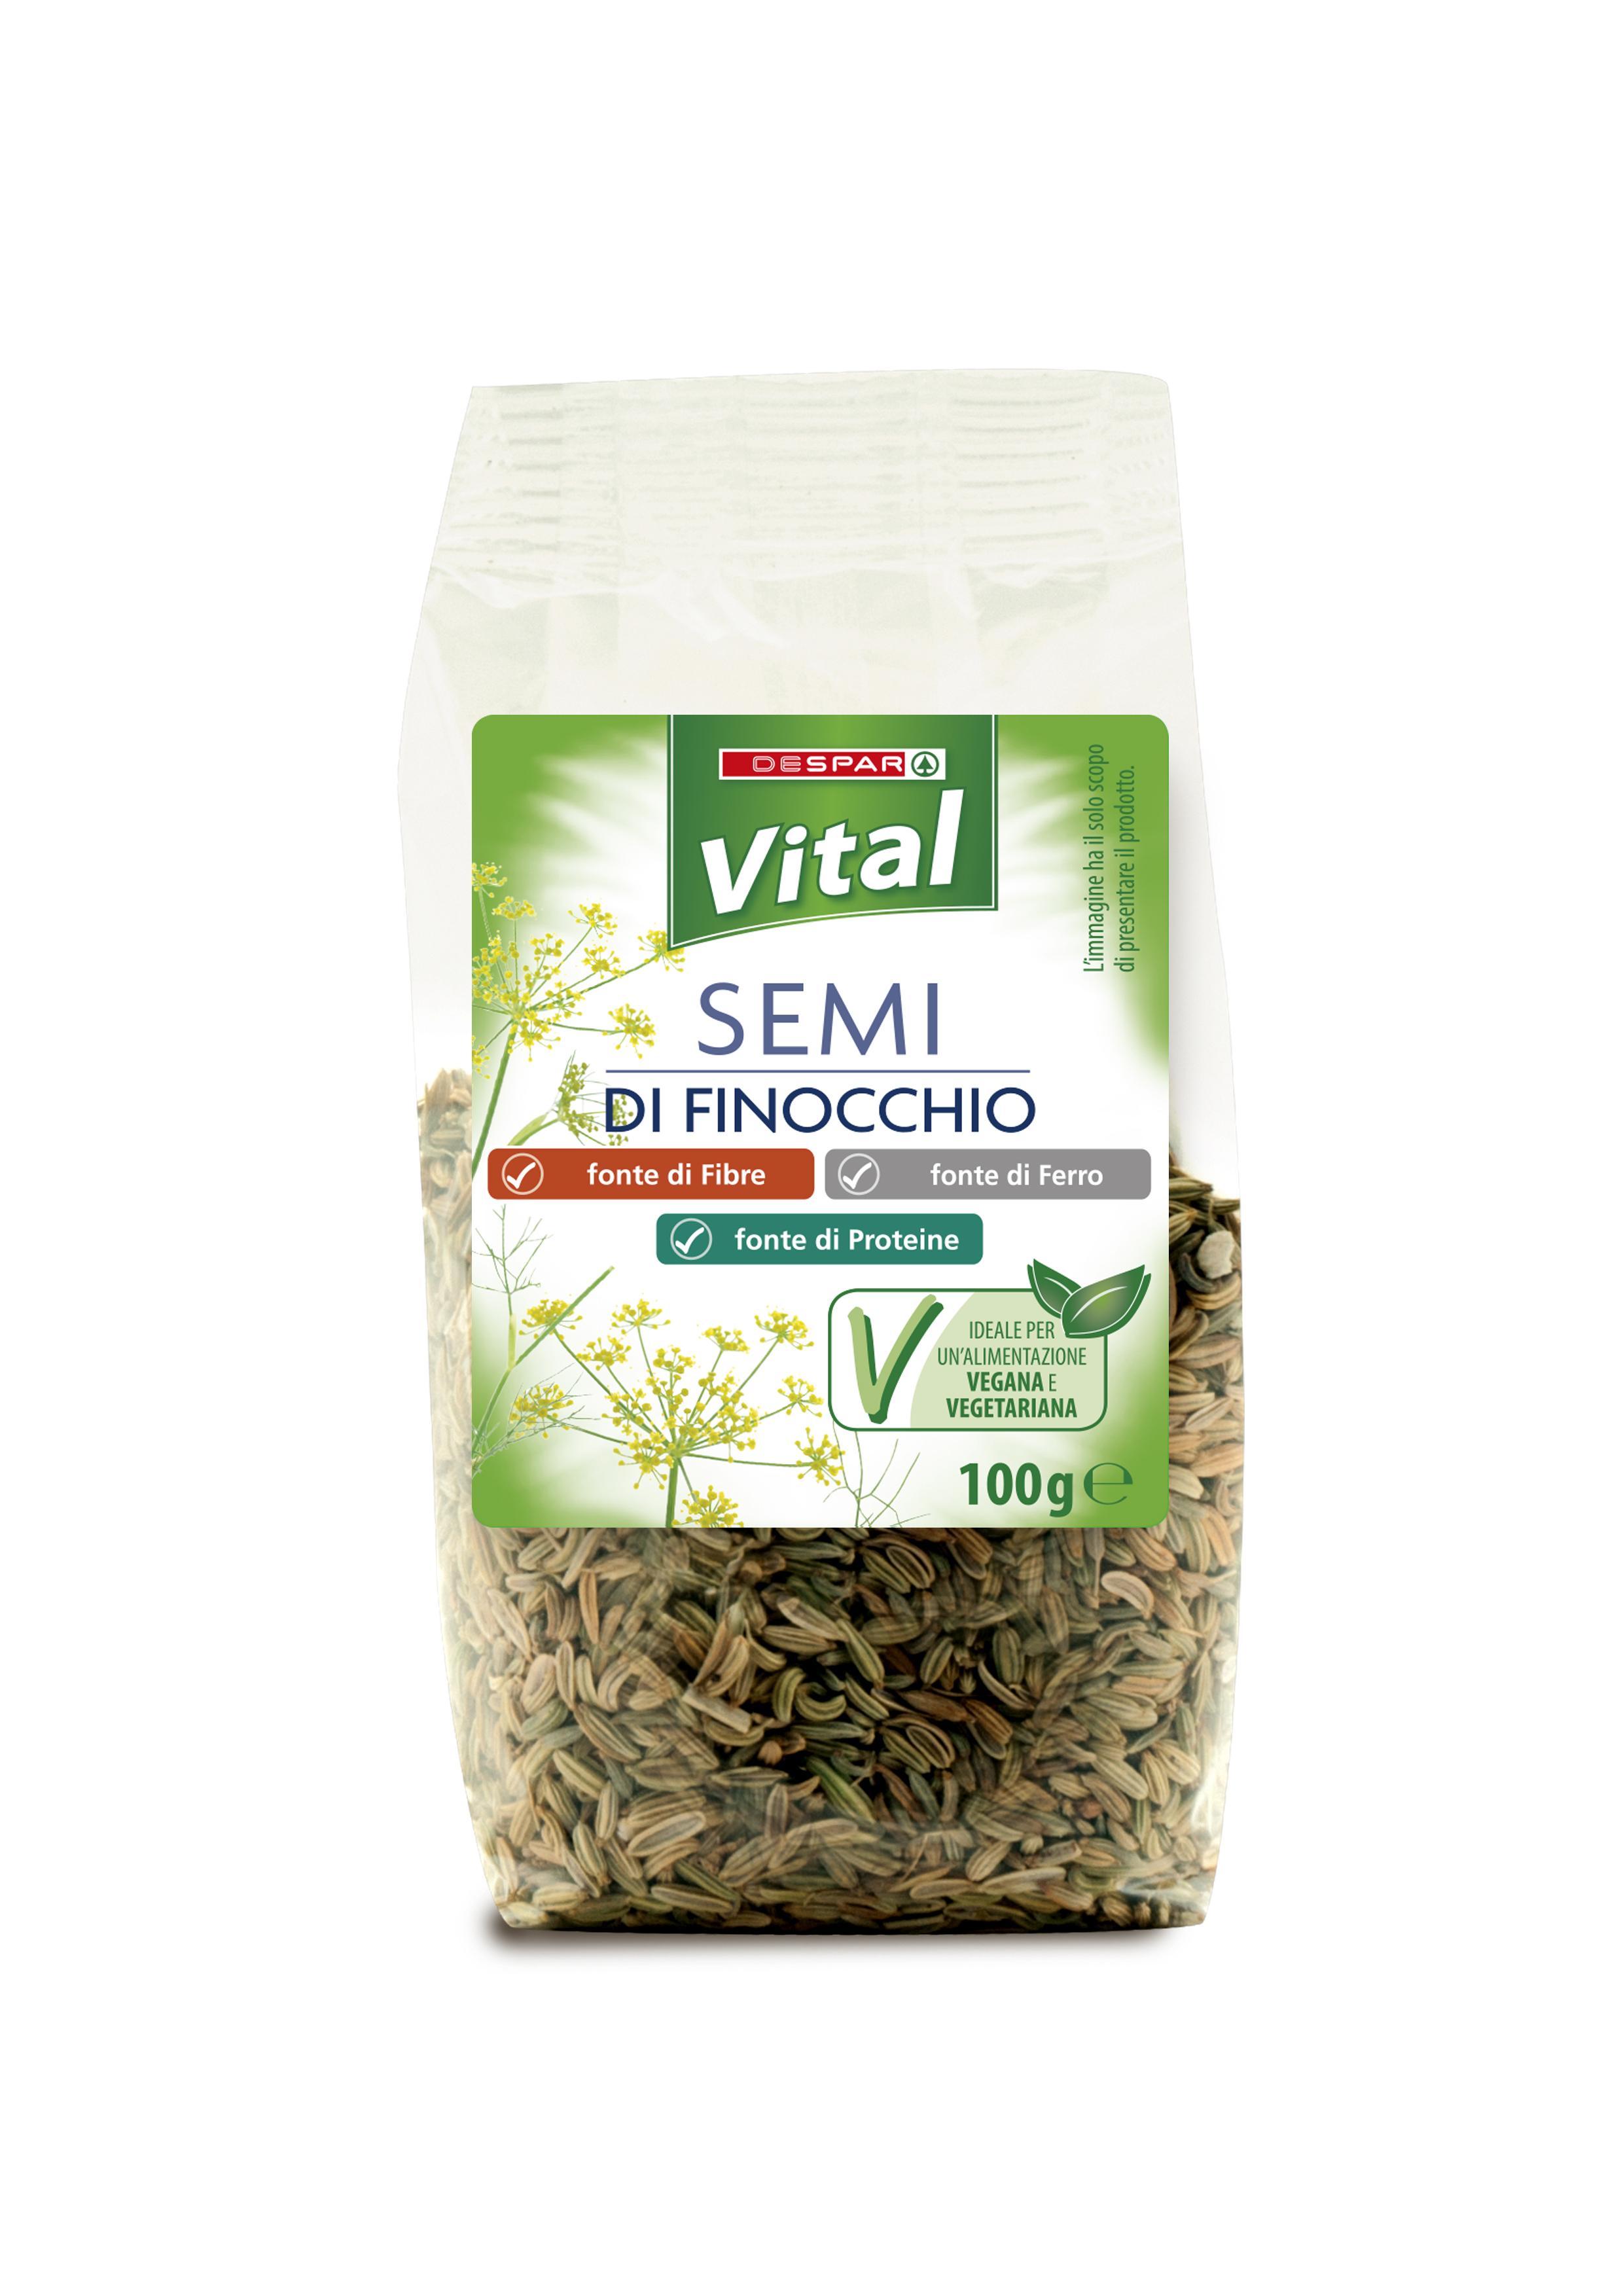 SEMI DI FINOCCHIO VITAL 100g